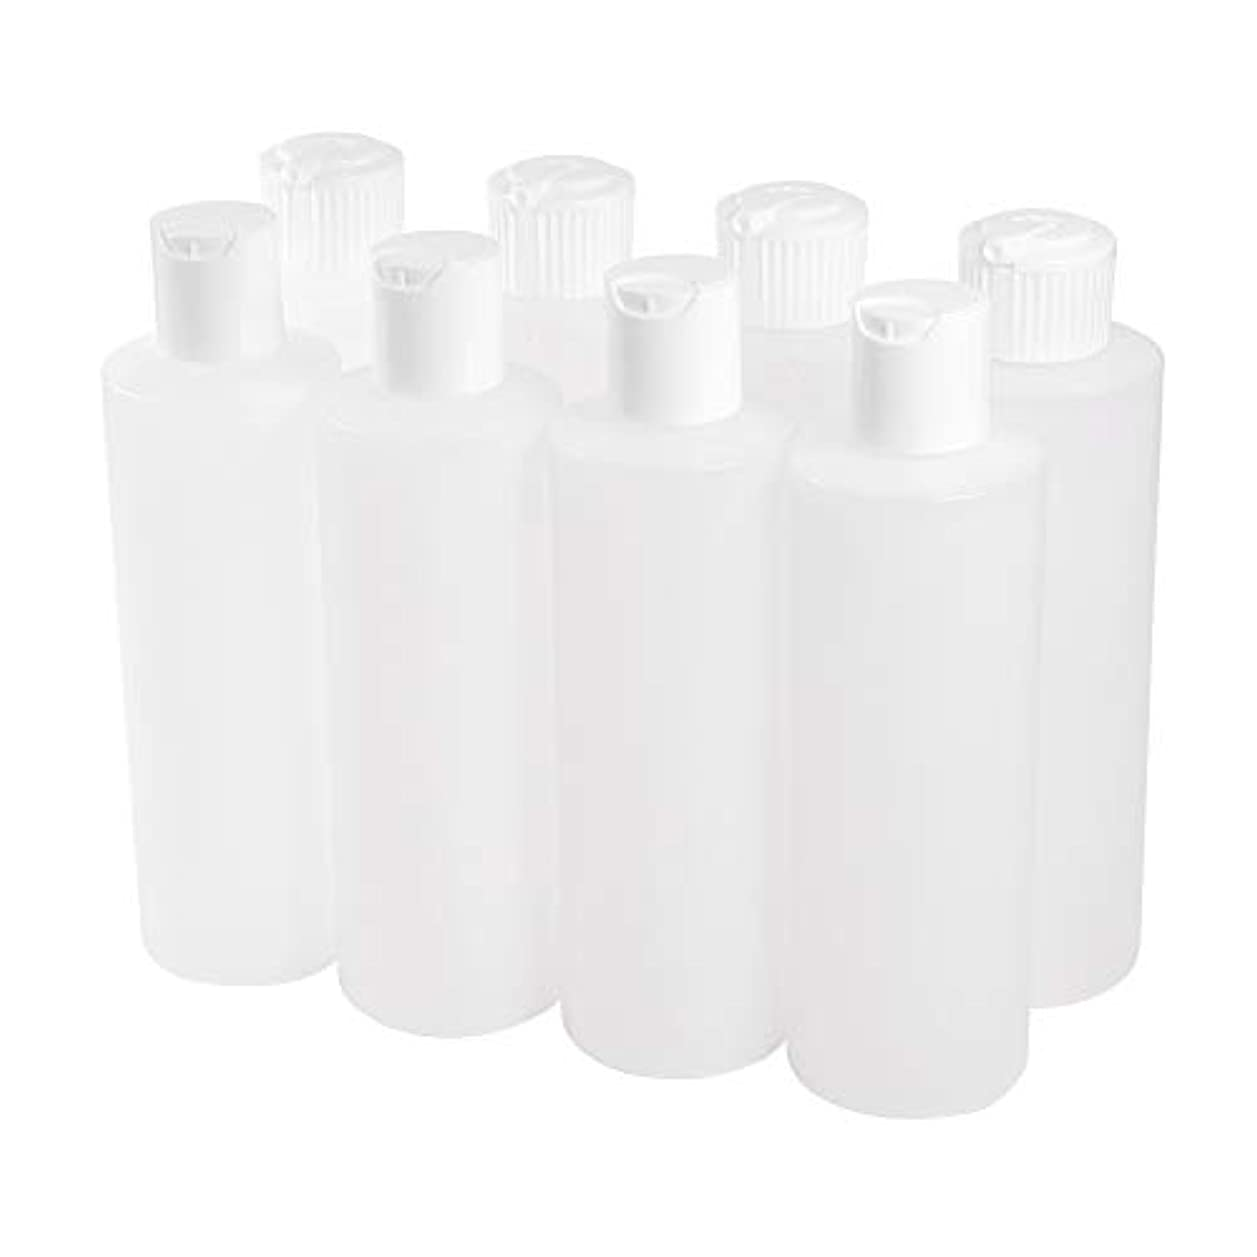 麦芽システム小説PH PandaHall 約8個/セット 250ml ドロッパーボトル グルーボトル 液体 小分けボトル スクイズボトル 液体コンテナディスペンサー プラスチック容器 詰め替え 収納 プラスチック製 クリア 手芸用品